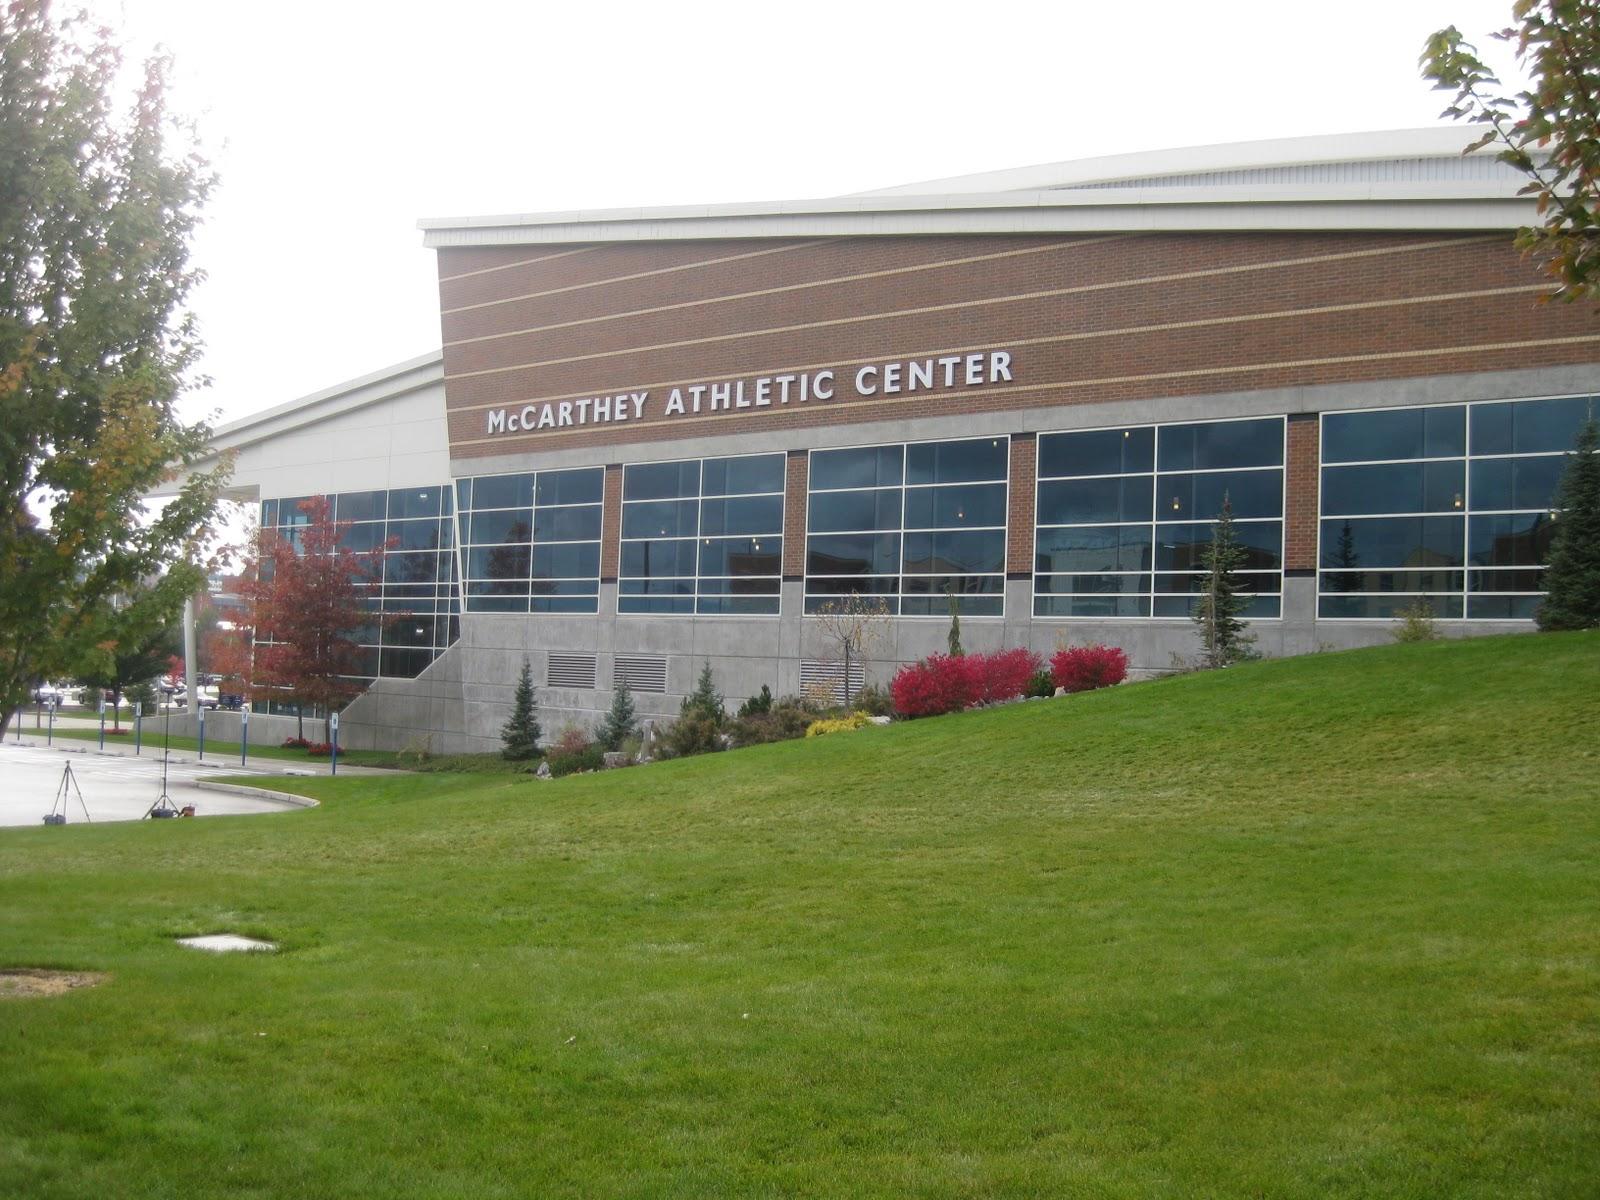 Gonzaga Basketball Arena The Basketball Arena